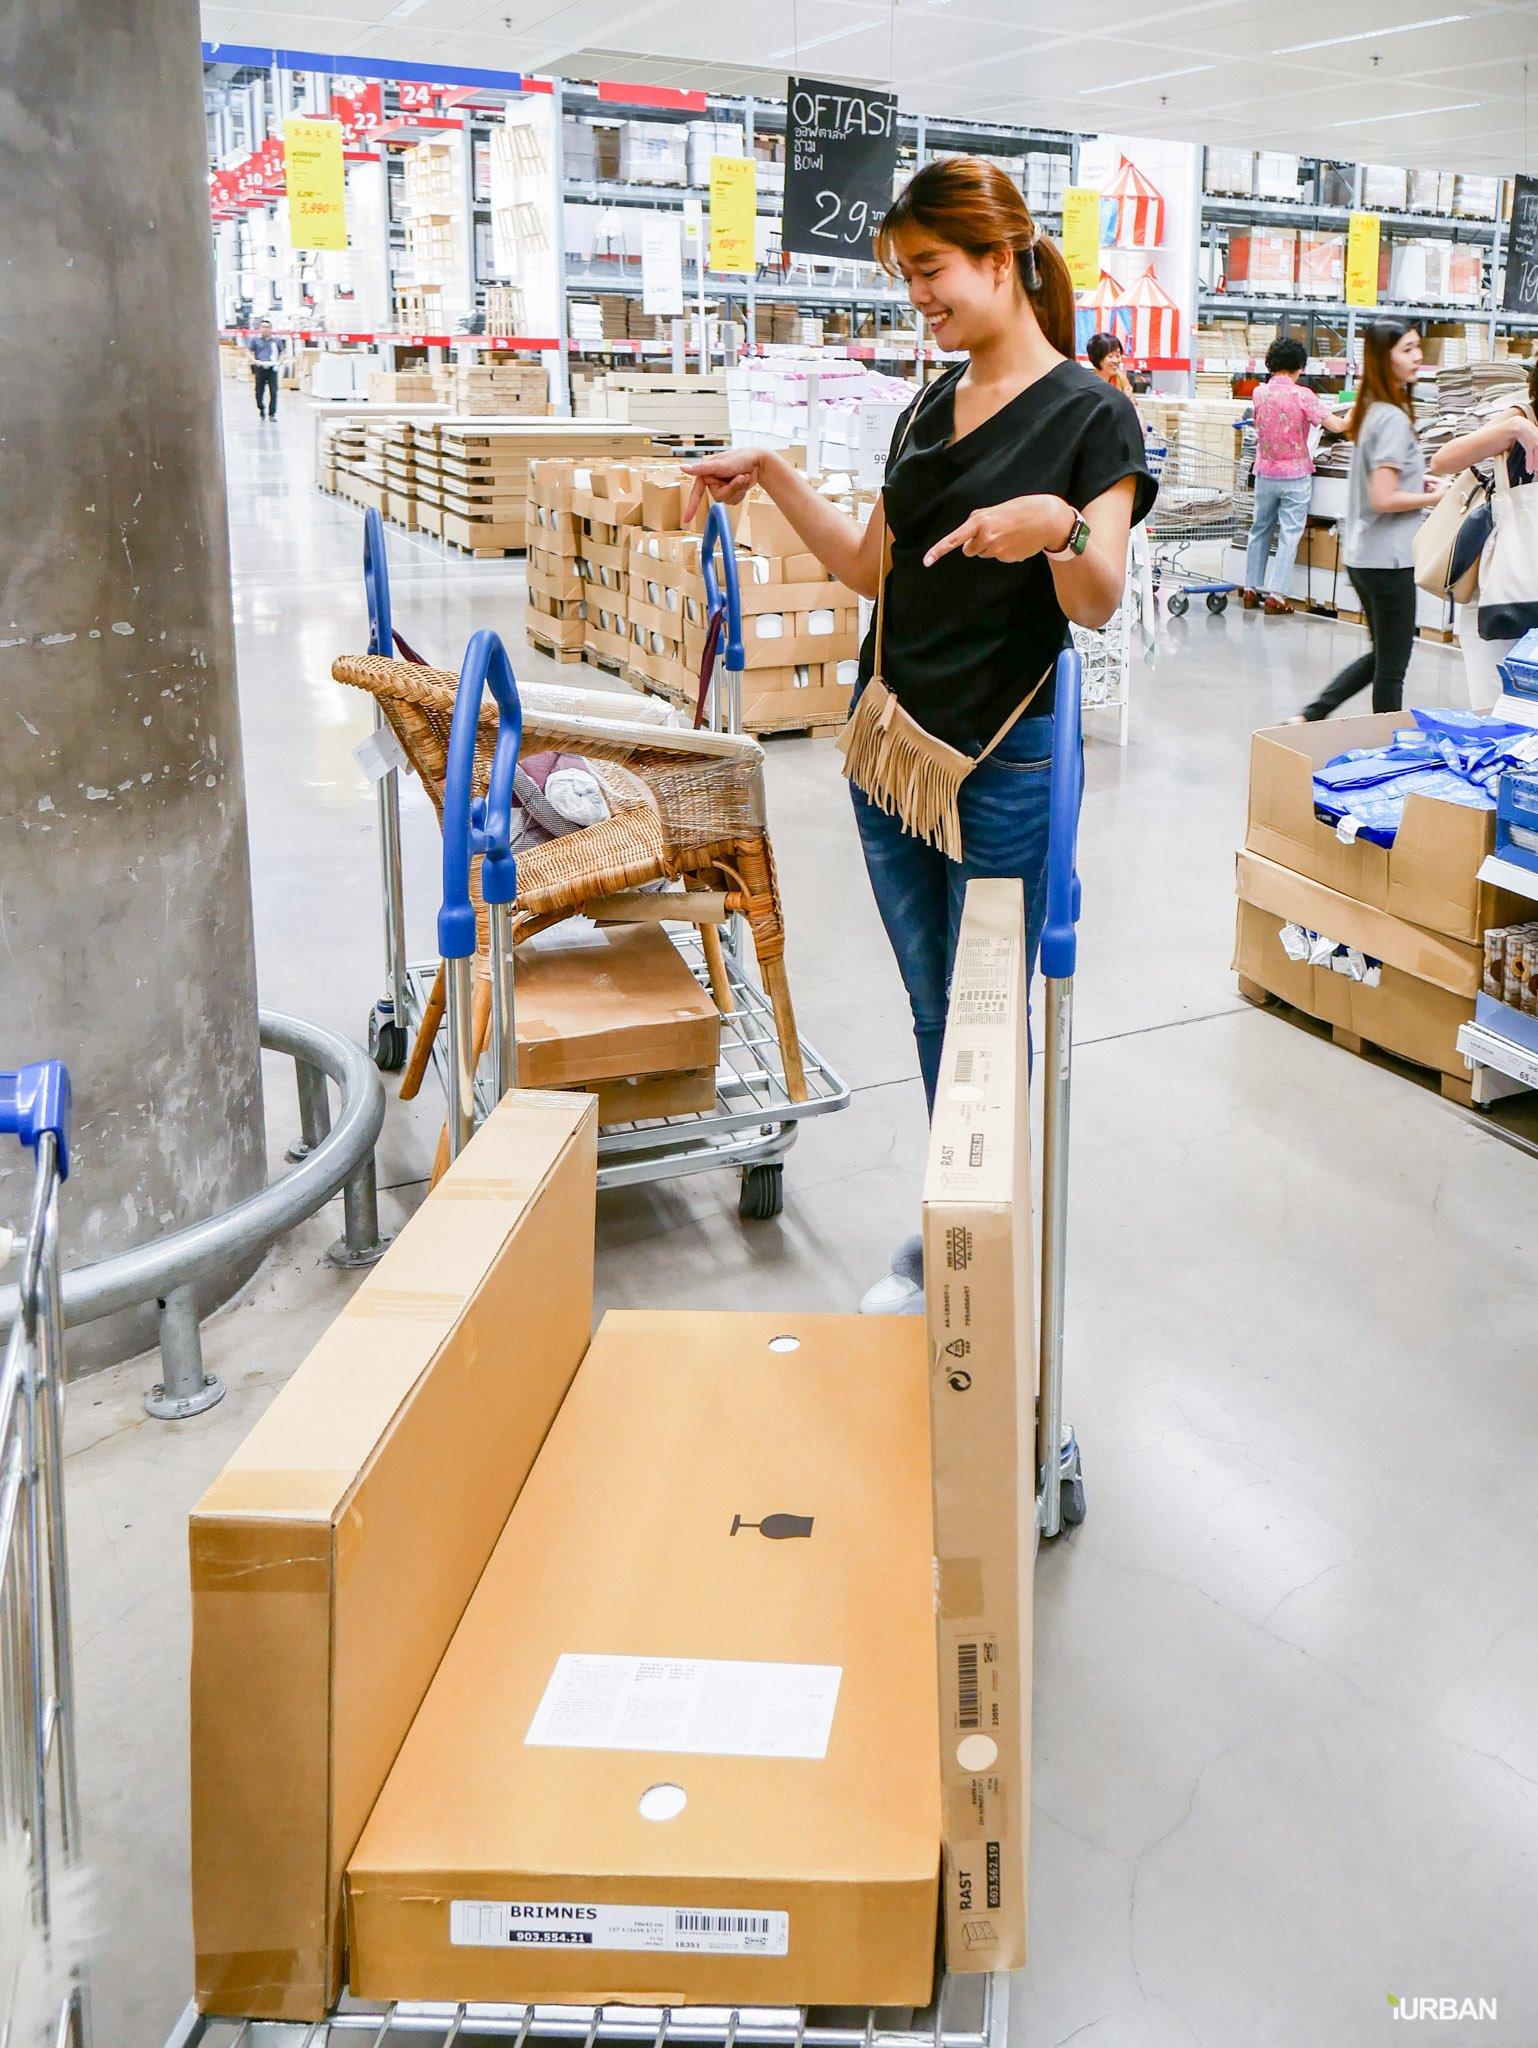 ช้อปที่ IKEA มีส่งของด่วนแล้ว 3 ชม. ถึงบ้าน เริ่ม 350 บาทโดย Deliveree 27 - Deliveree